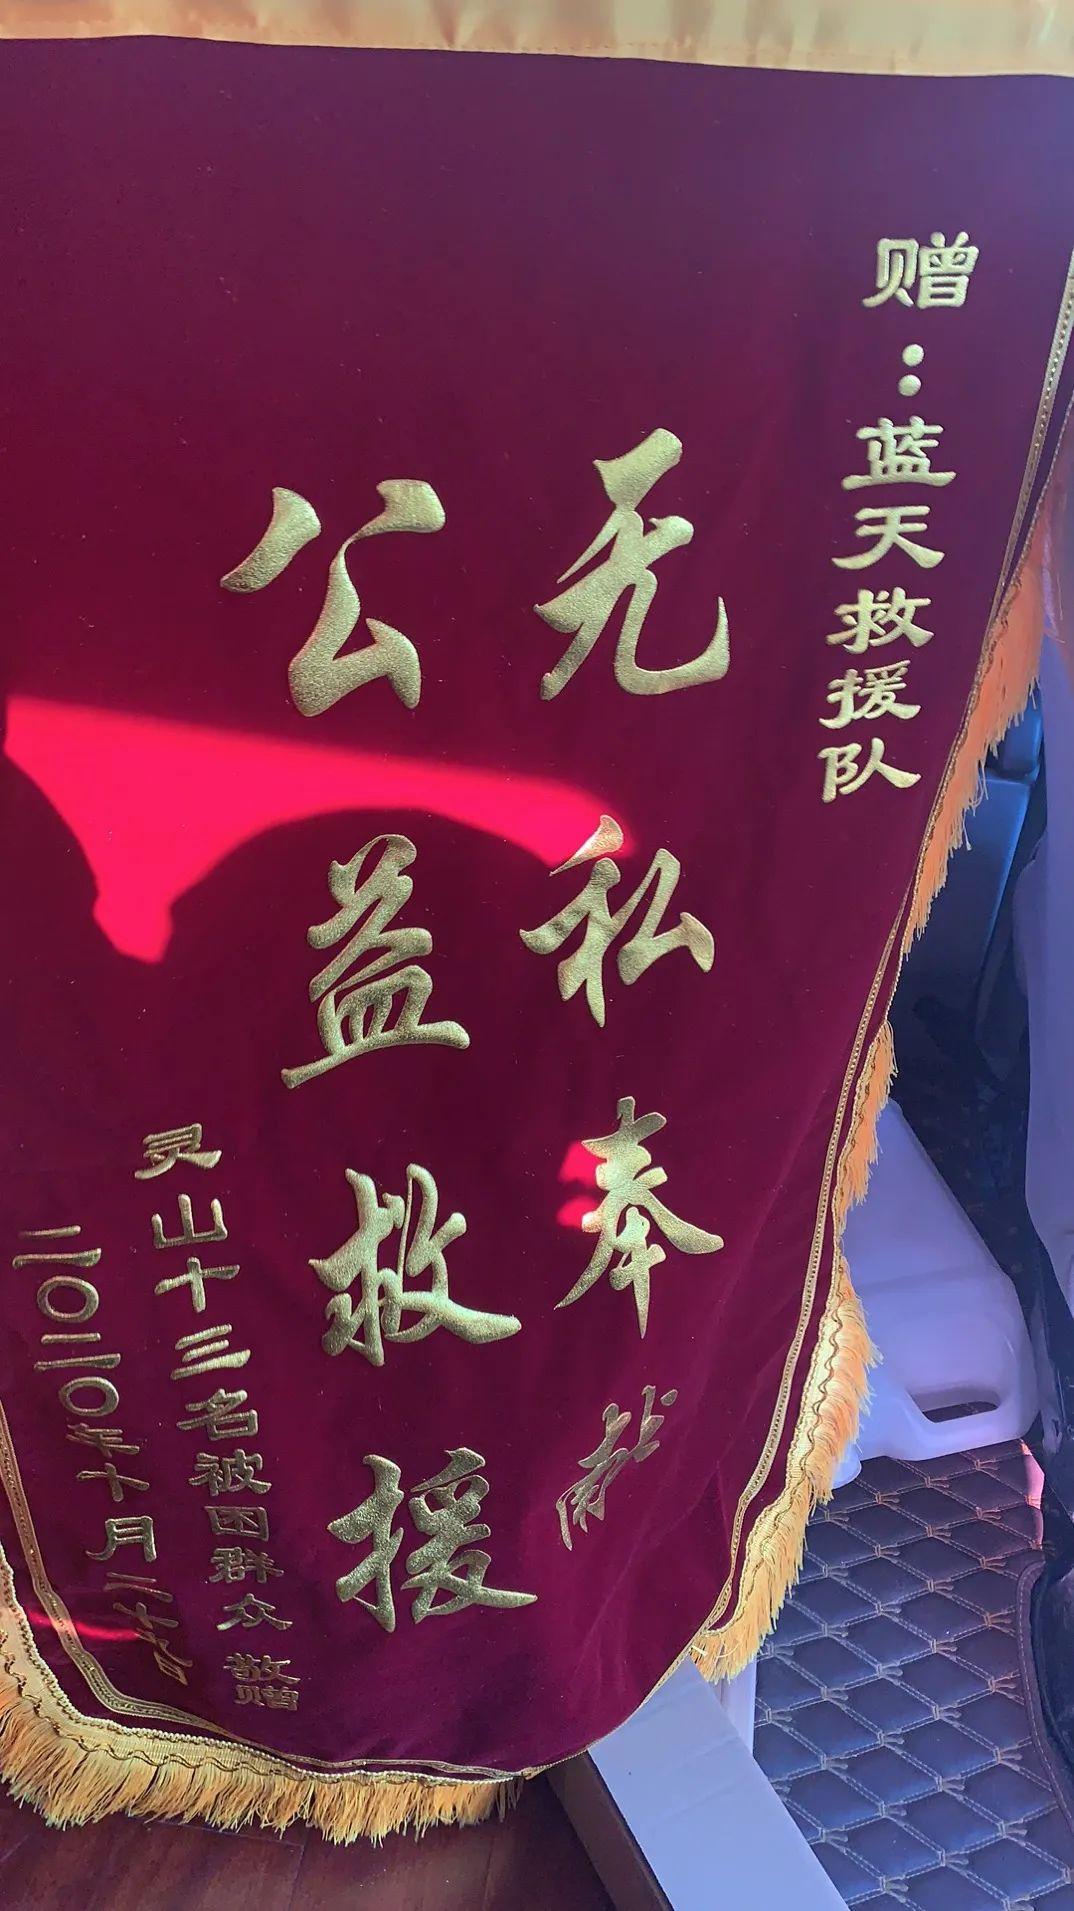 """【中国比特币】_驴友被救后送锦旗方式引争议,救援队称""""是羞辱"""""""